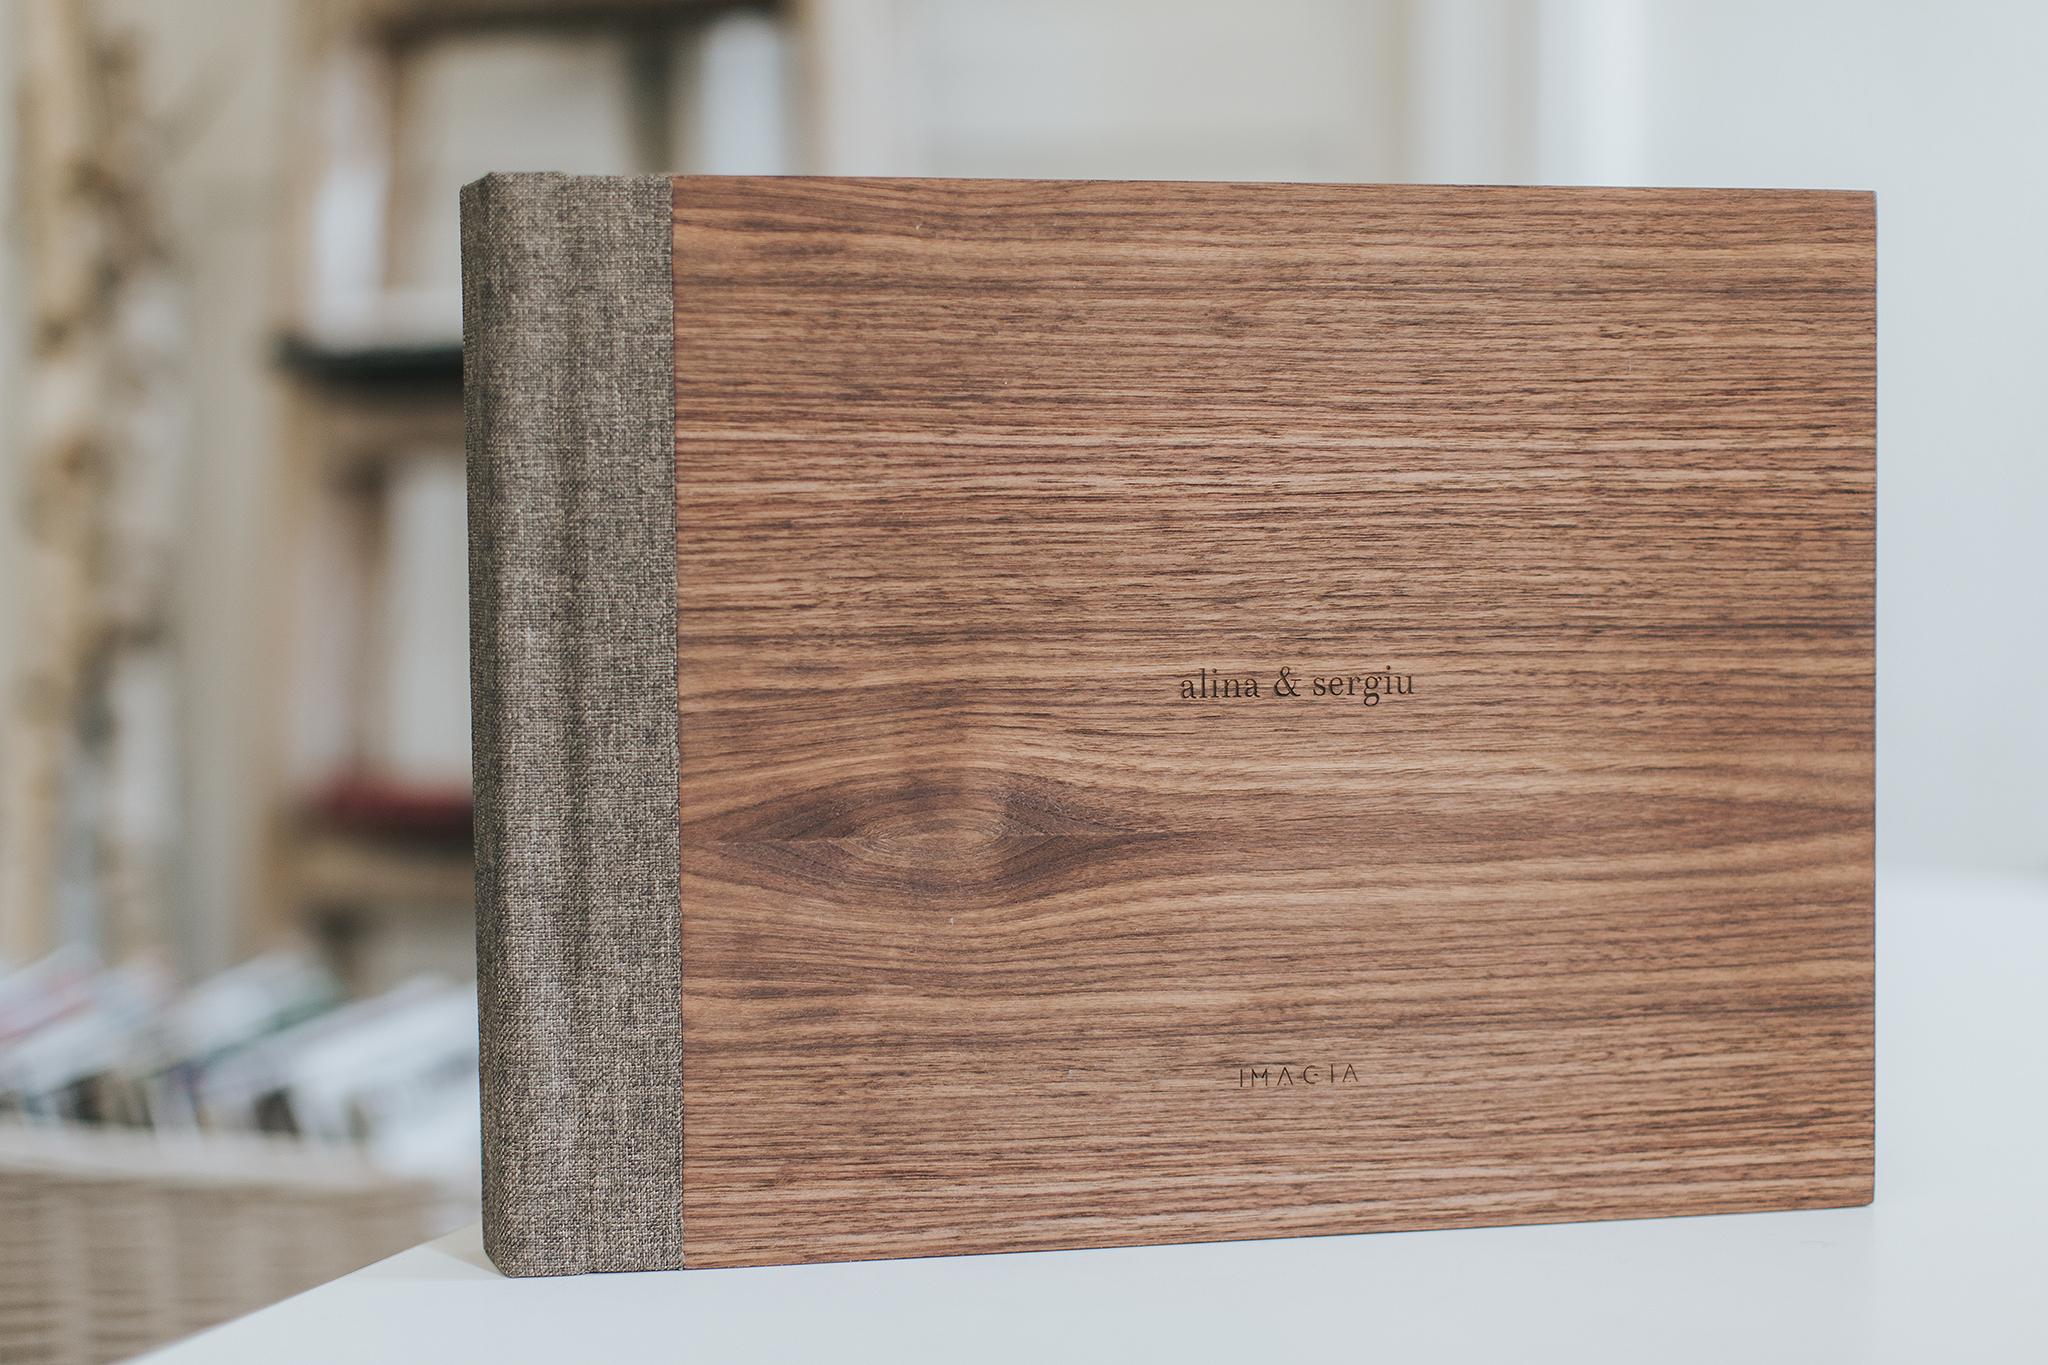 album foto cu coperta din lemn